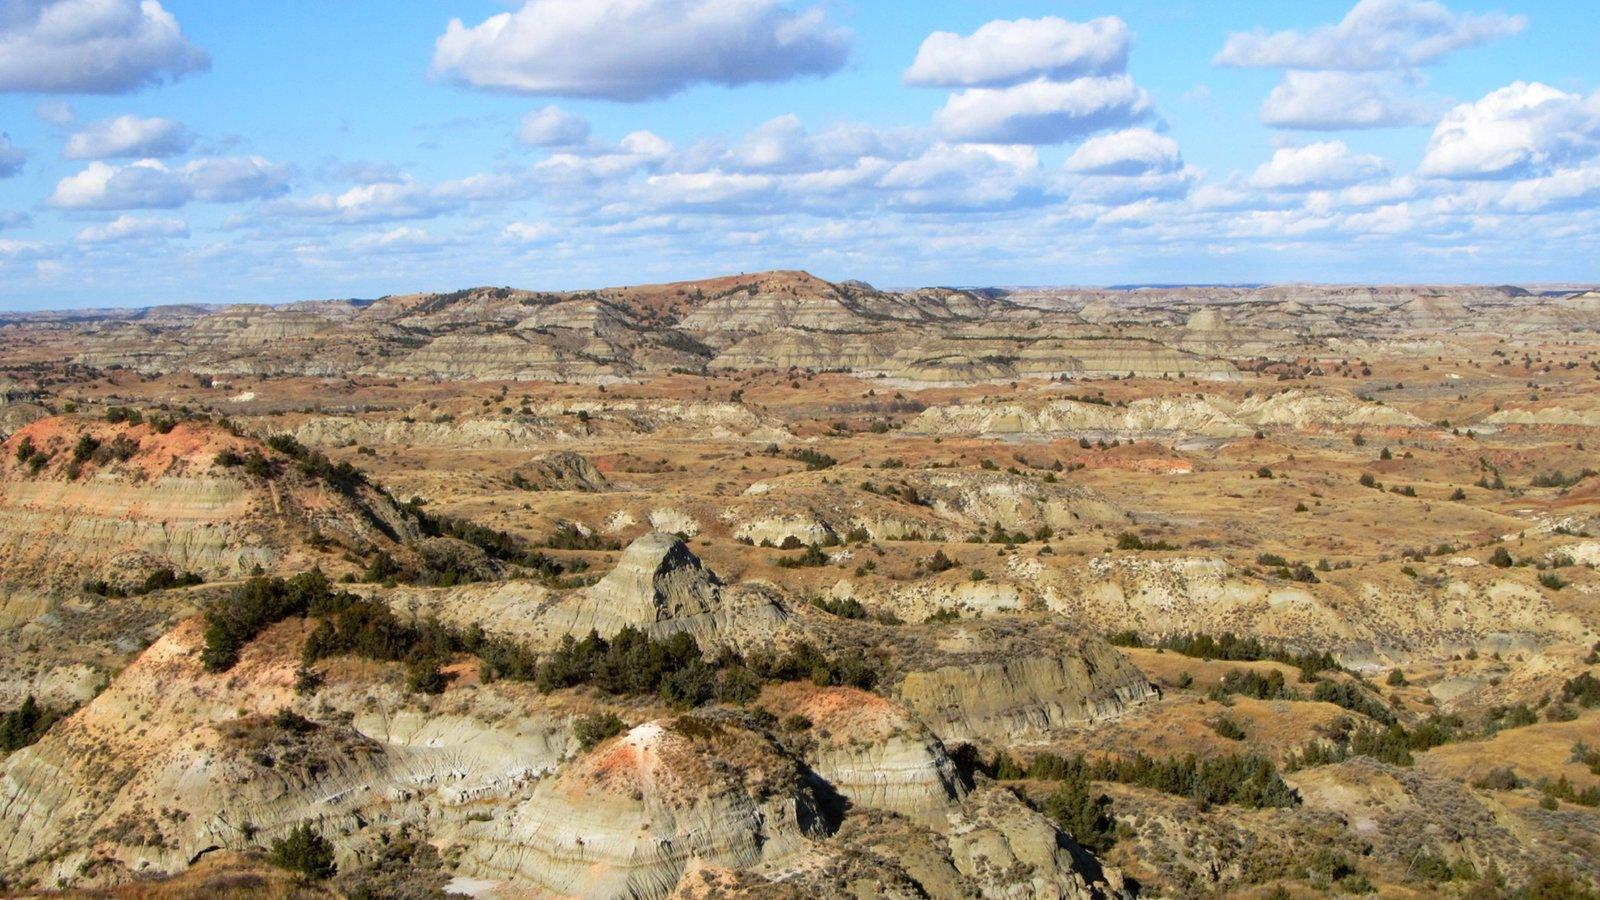 Parque Nacional de Theodore Roosevelt caracterizando paisagem e cenas tranquilas